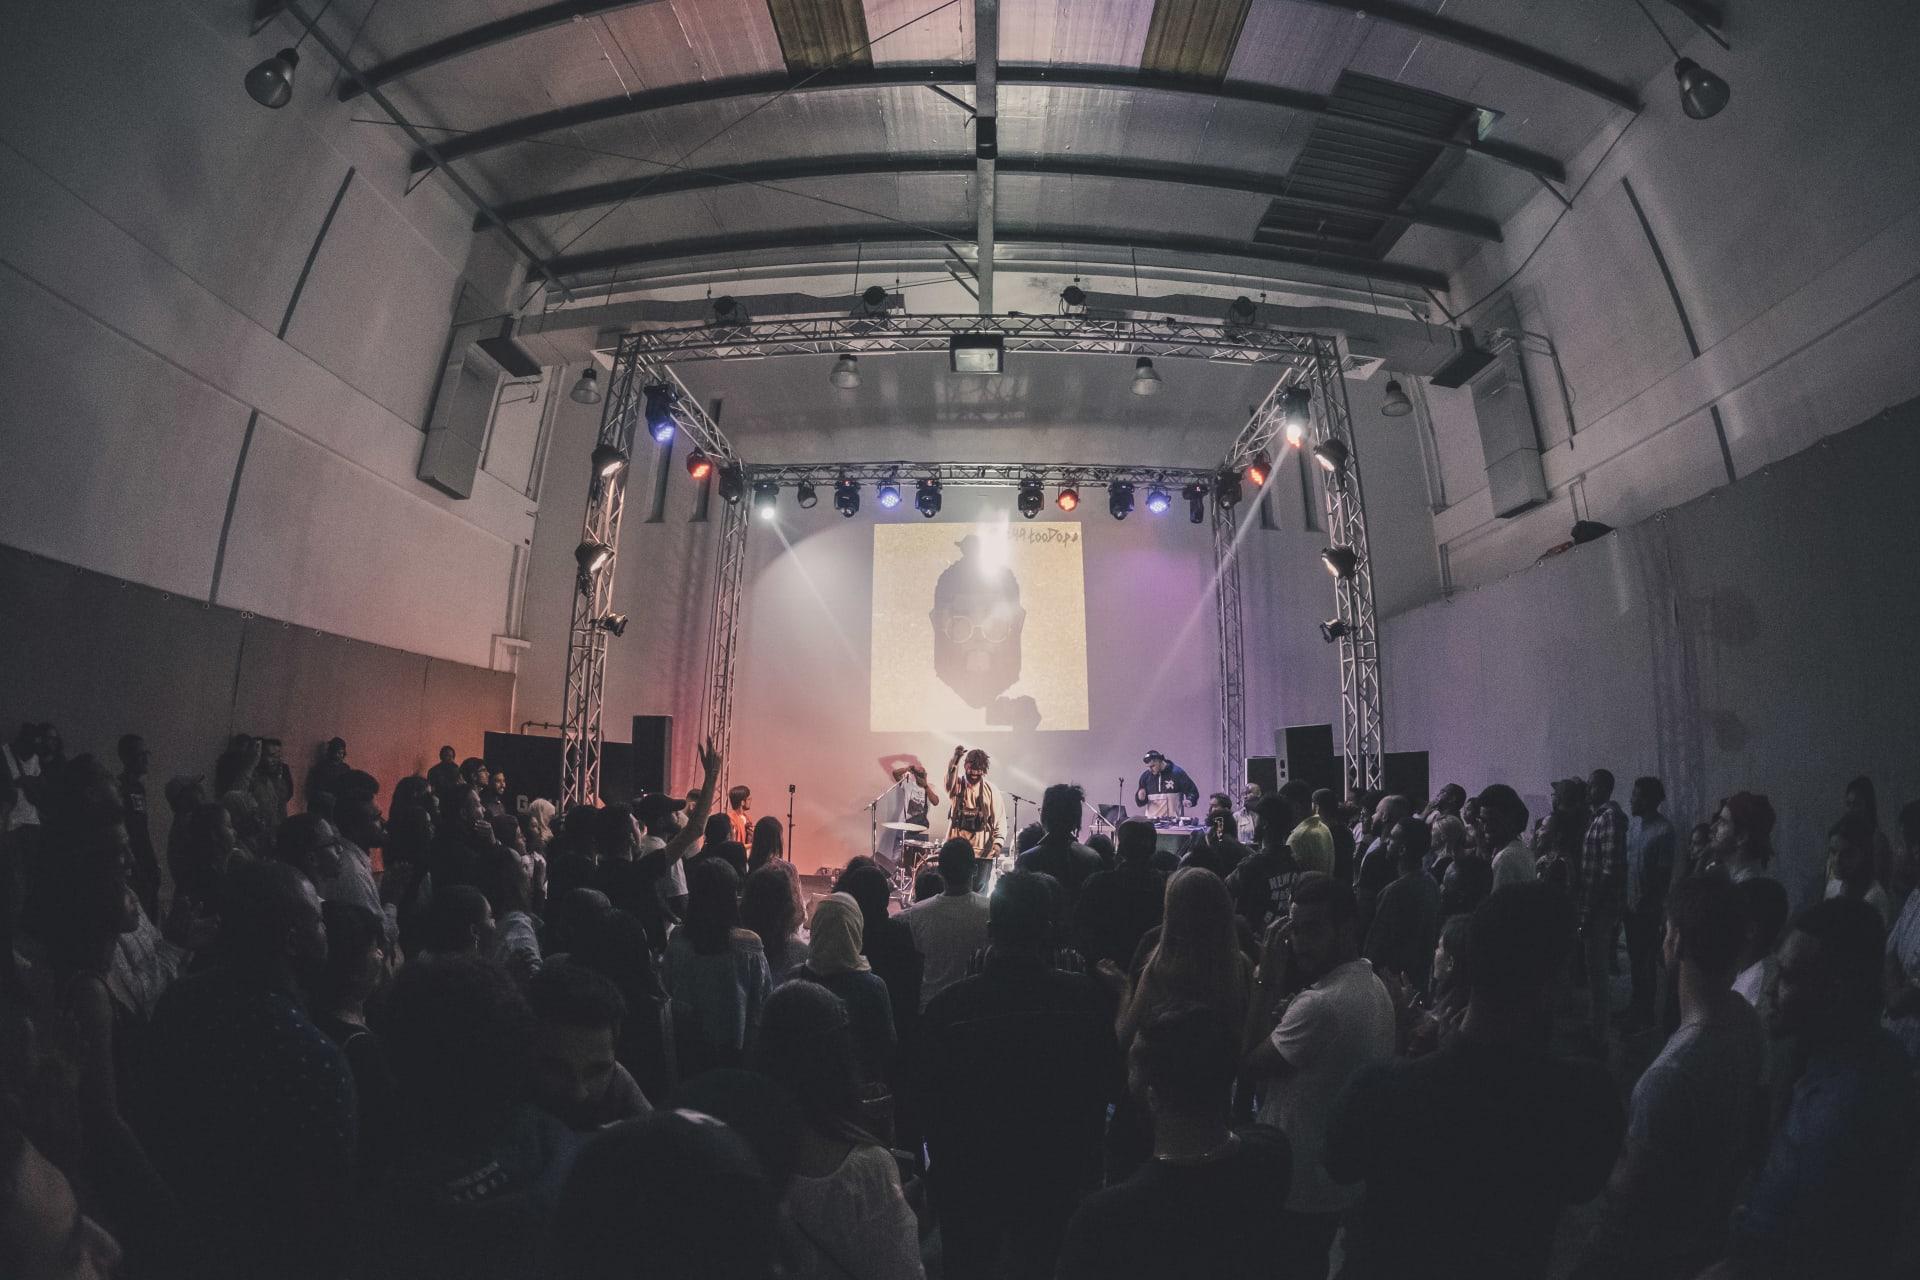 في دبي.. عروض موسيقية عبر الإنترنت استمرت 12 متواصلة بمشاركة 49 فنان